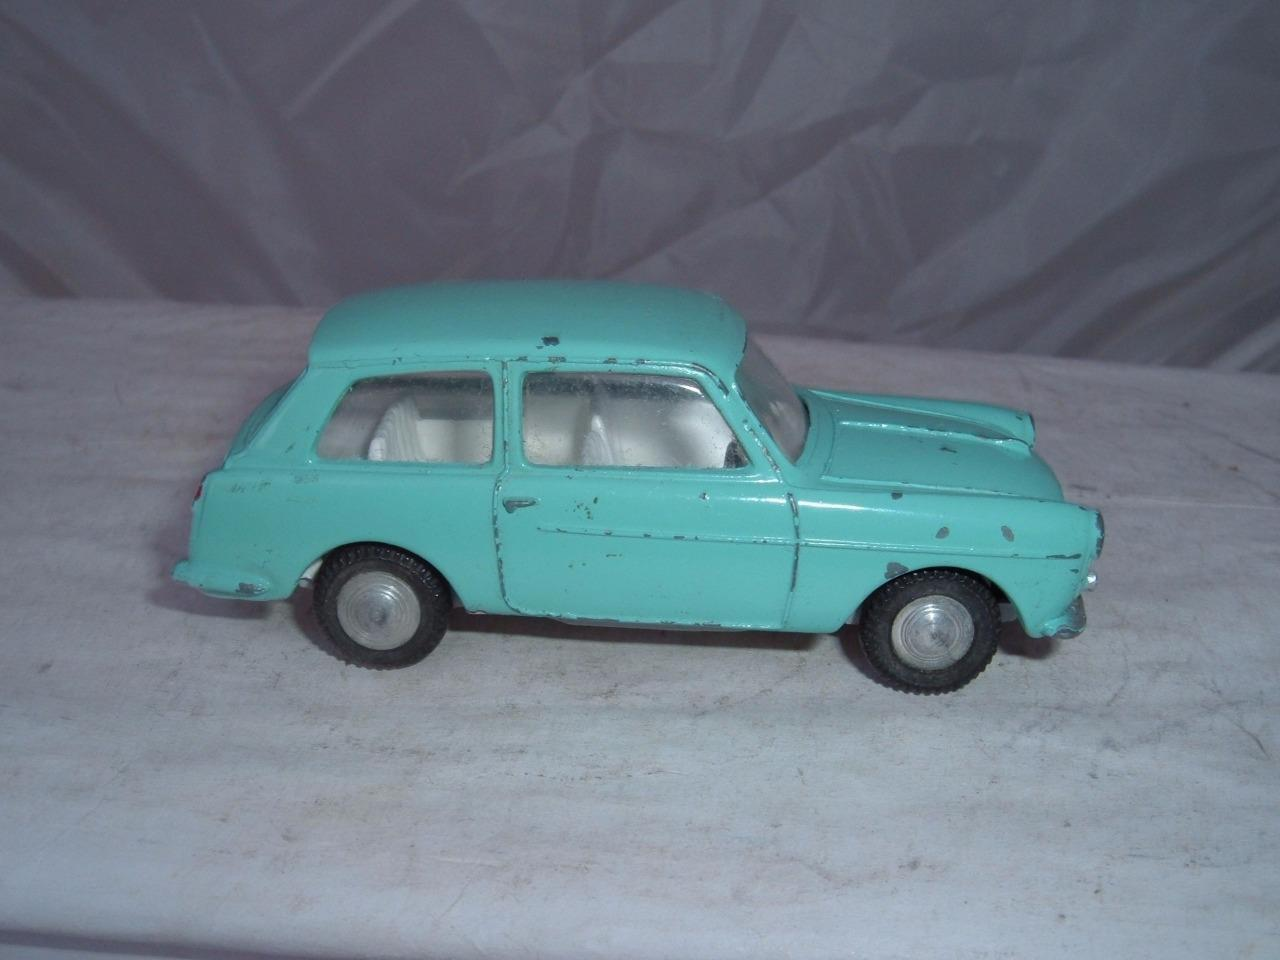 Terreno En Triang   154 Austin A40 Farina Genuina Original Usado Estado Vintage